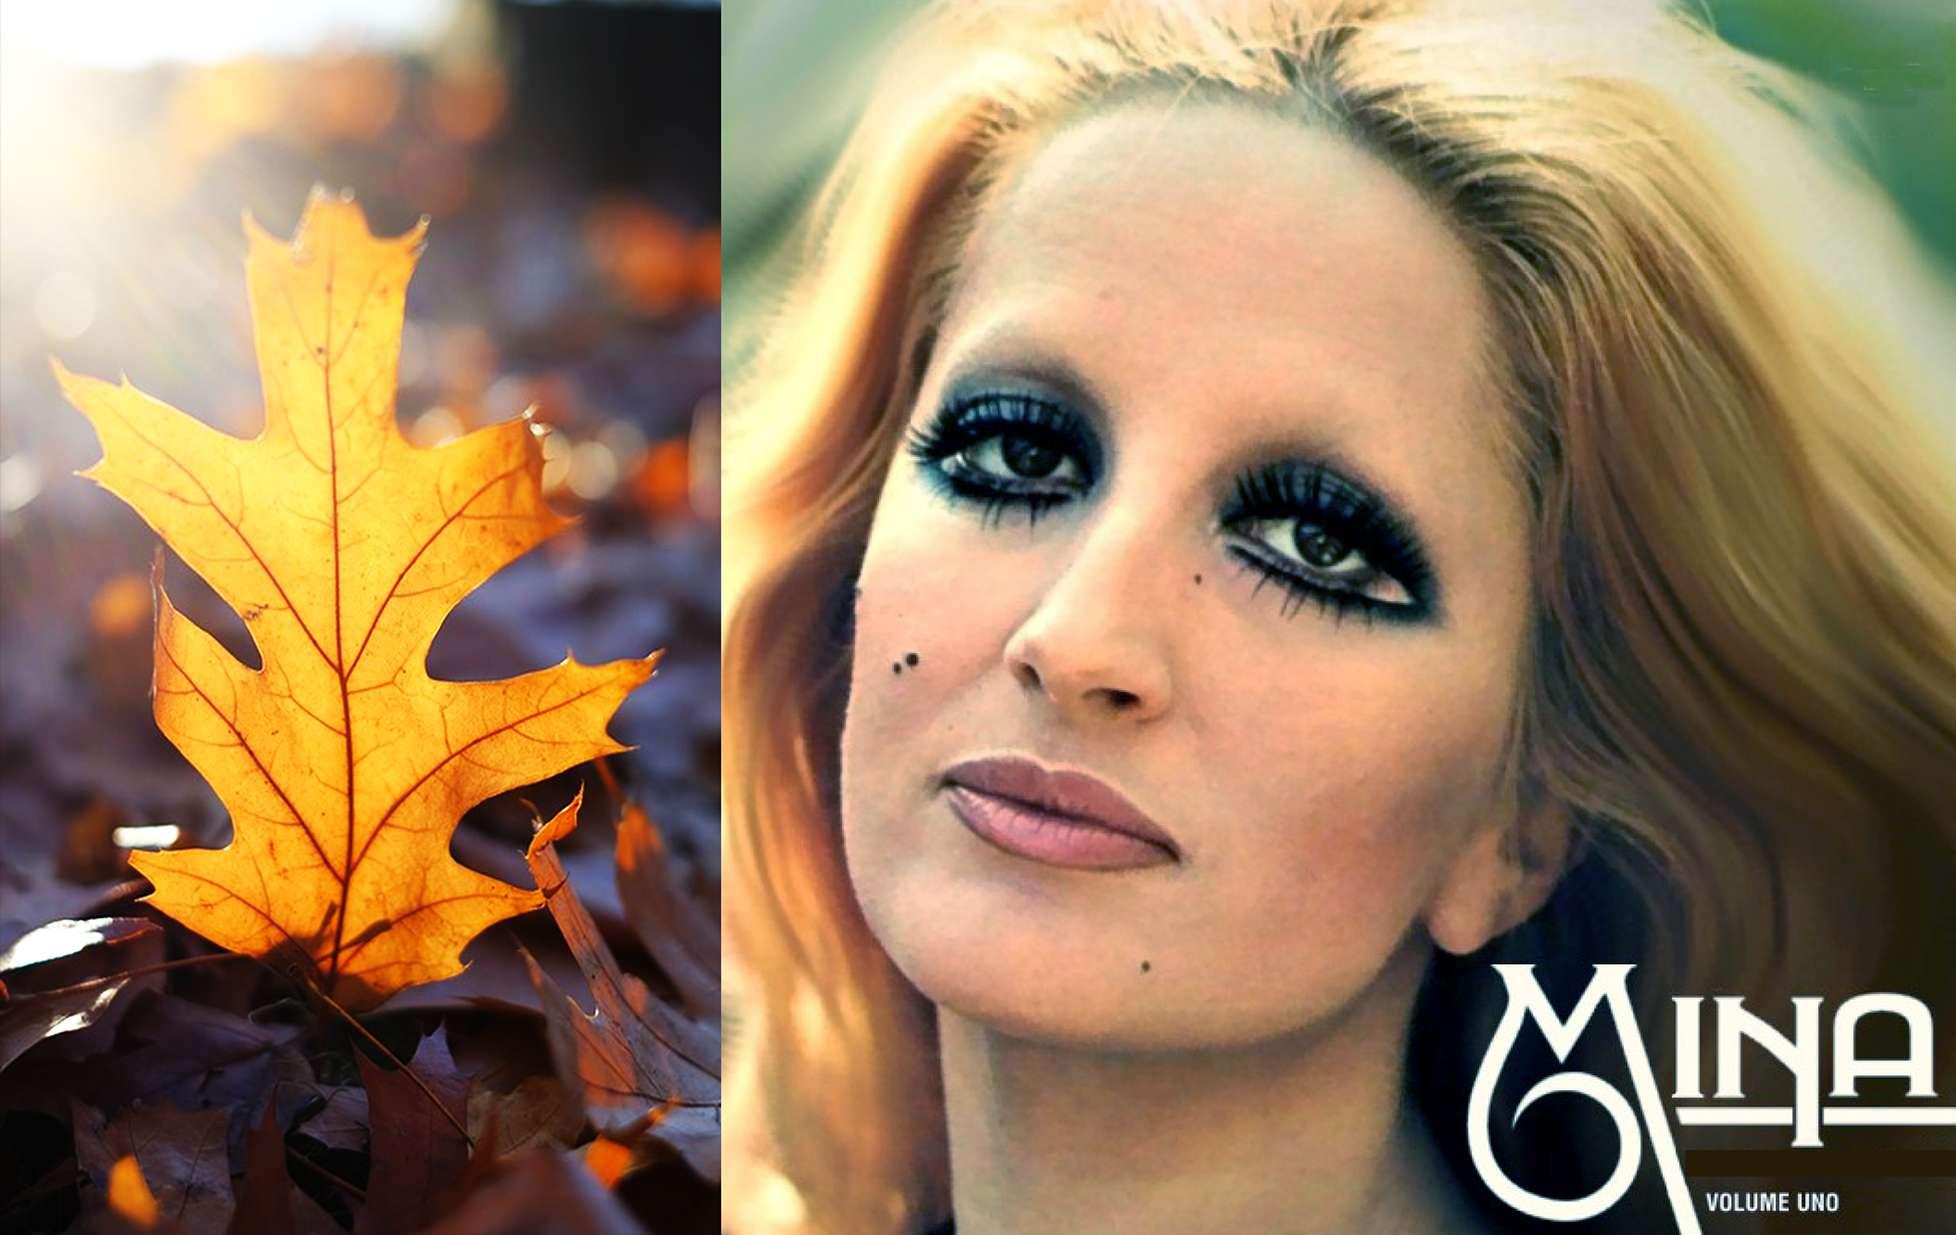 Φθινόπωρο Mina Ballata dautunno Balada de otoño